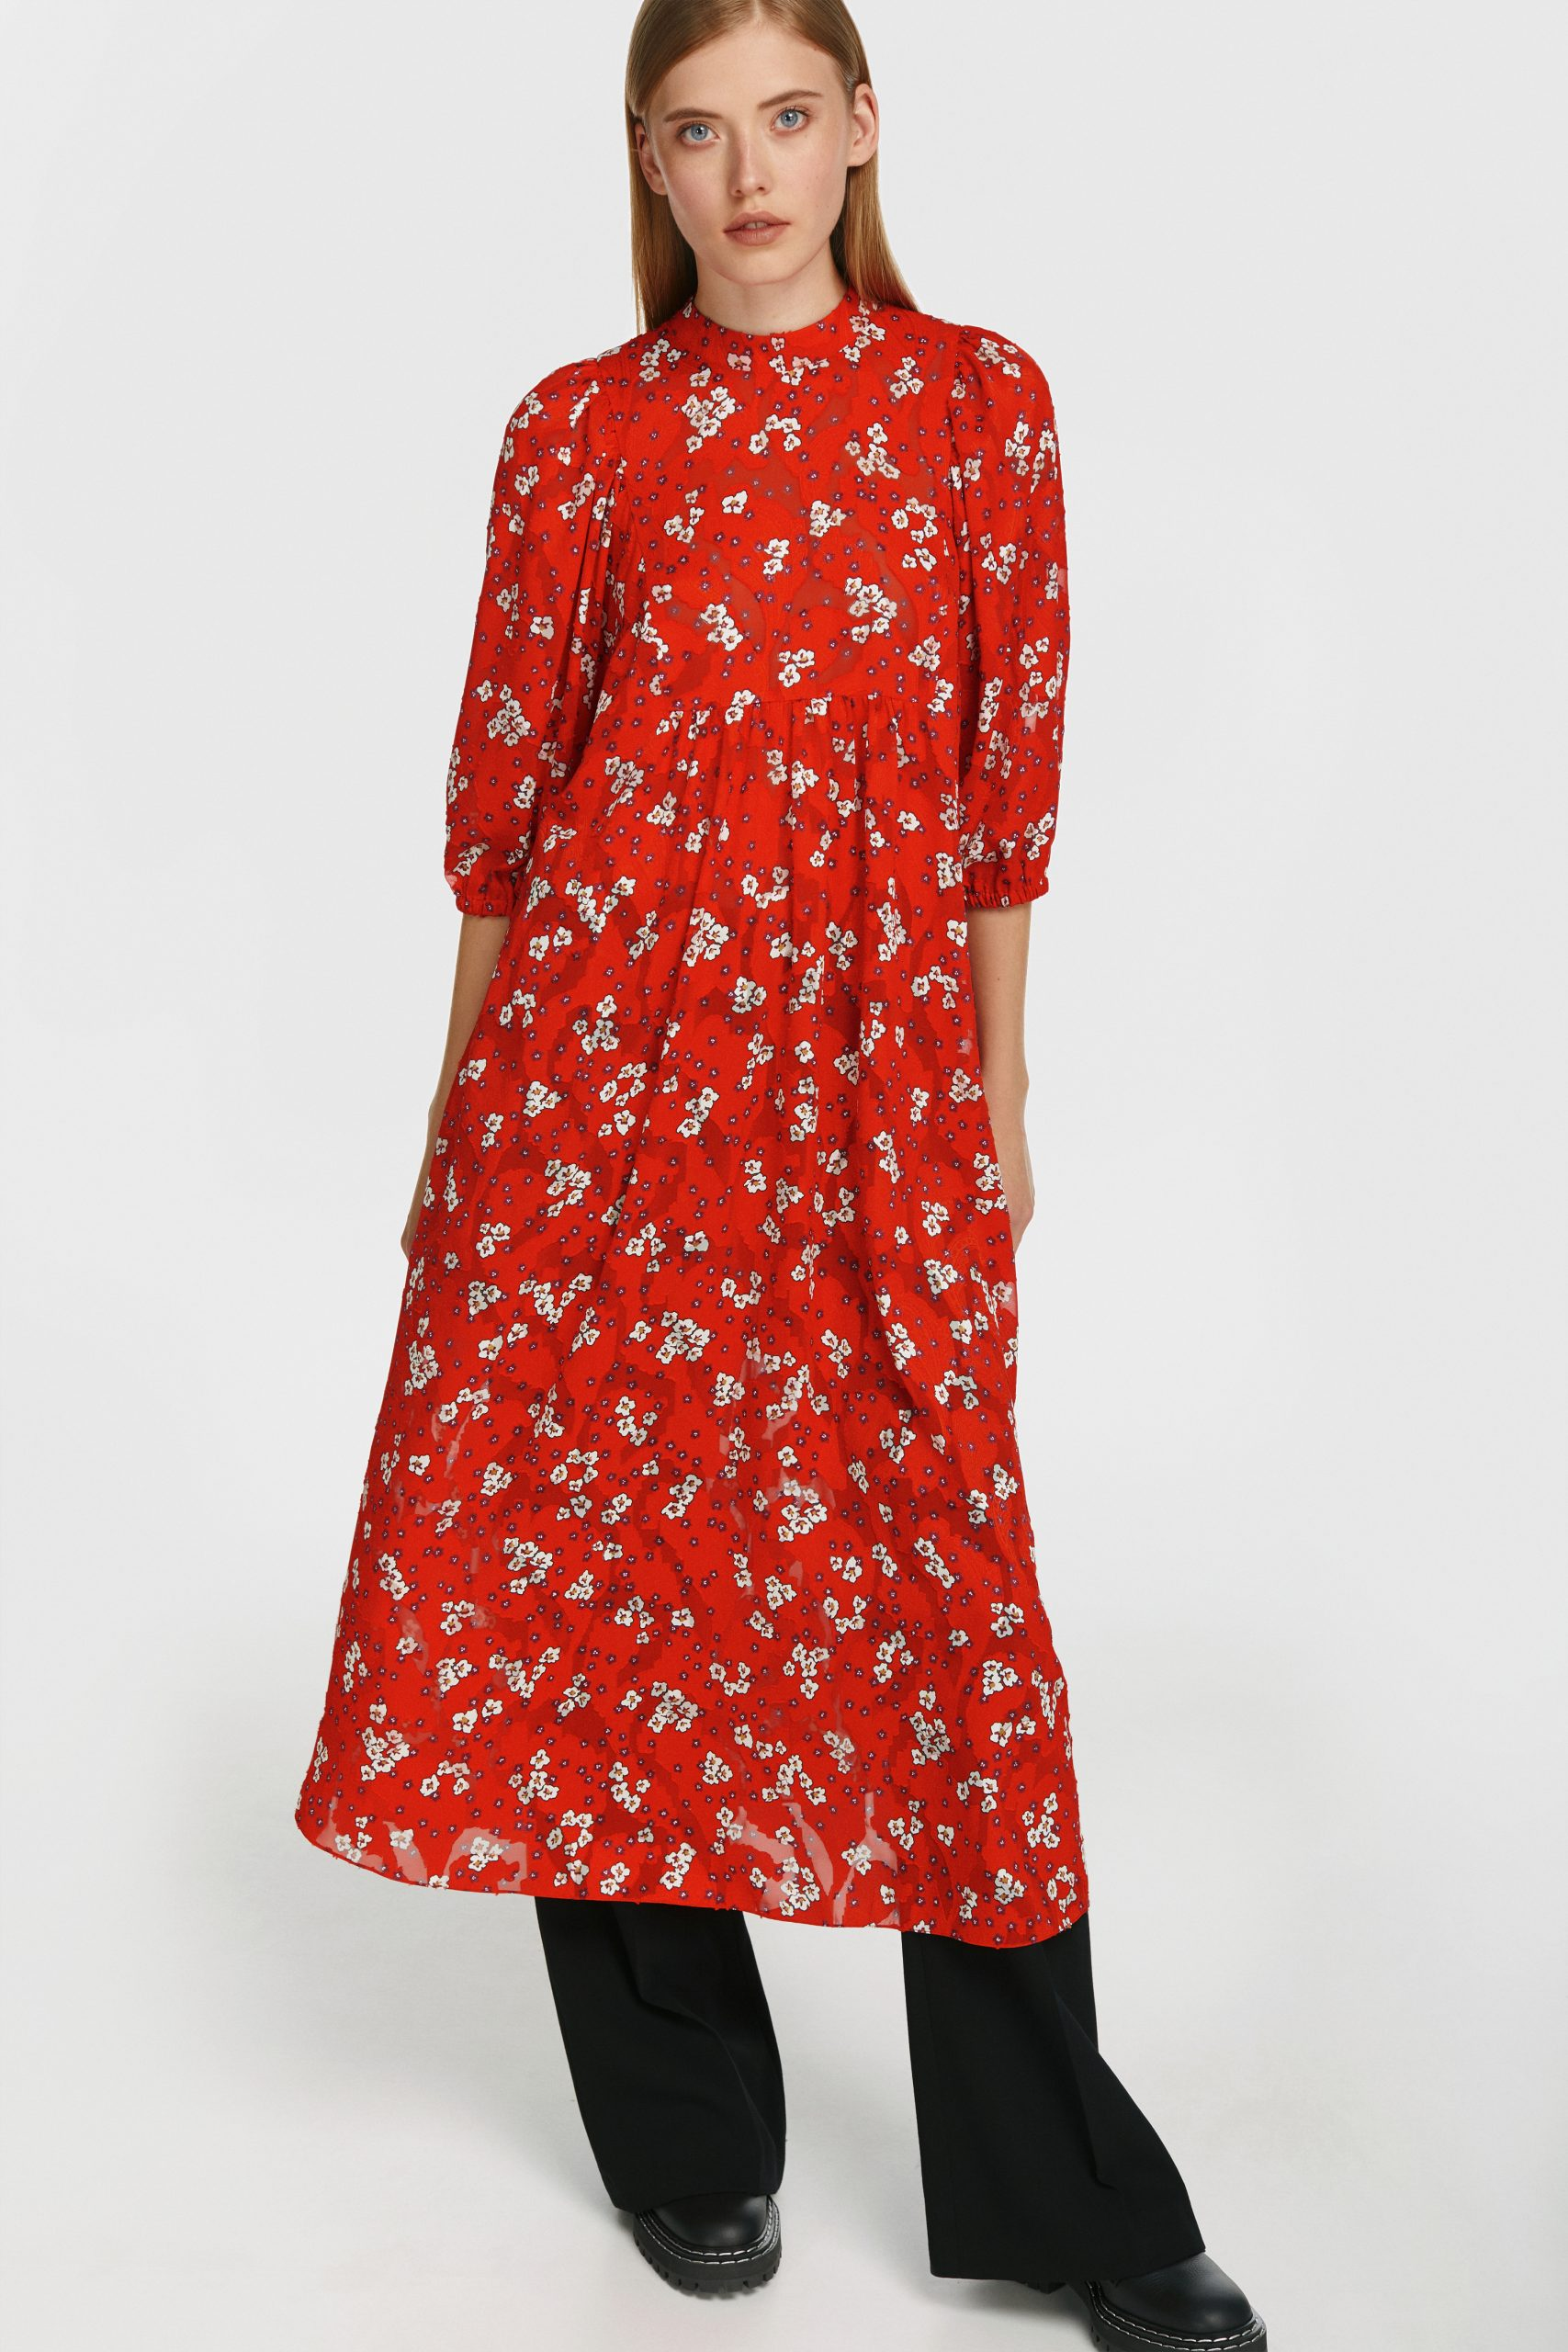 Яскрава клітинка і соковиті осінні фарби на сукнях з нової колекції POUSTOVIT FW 20-21